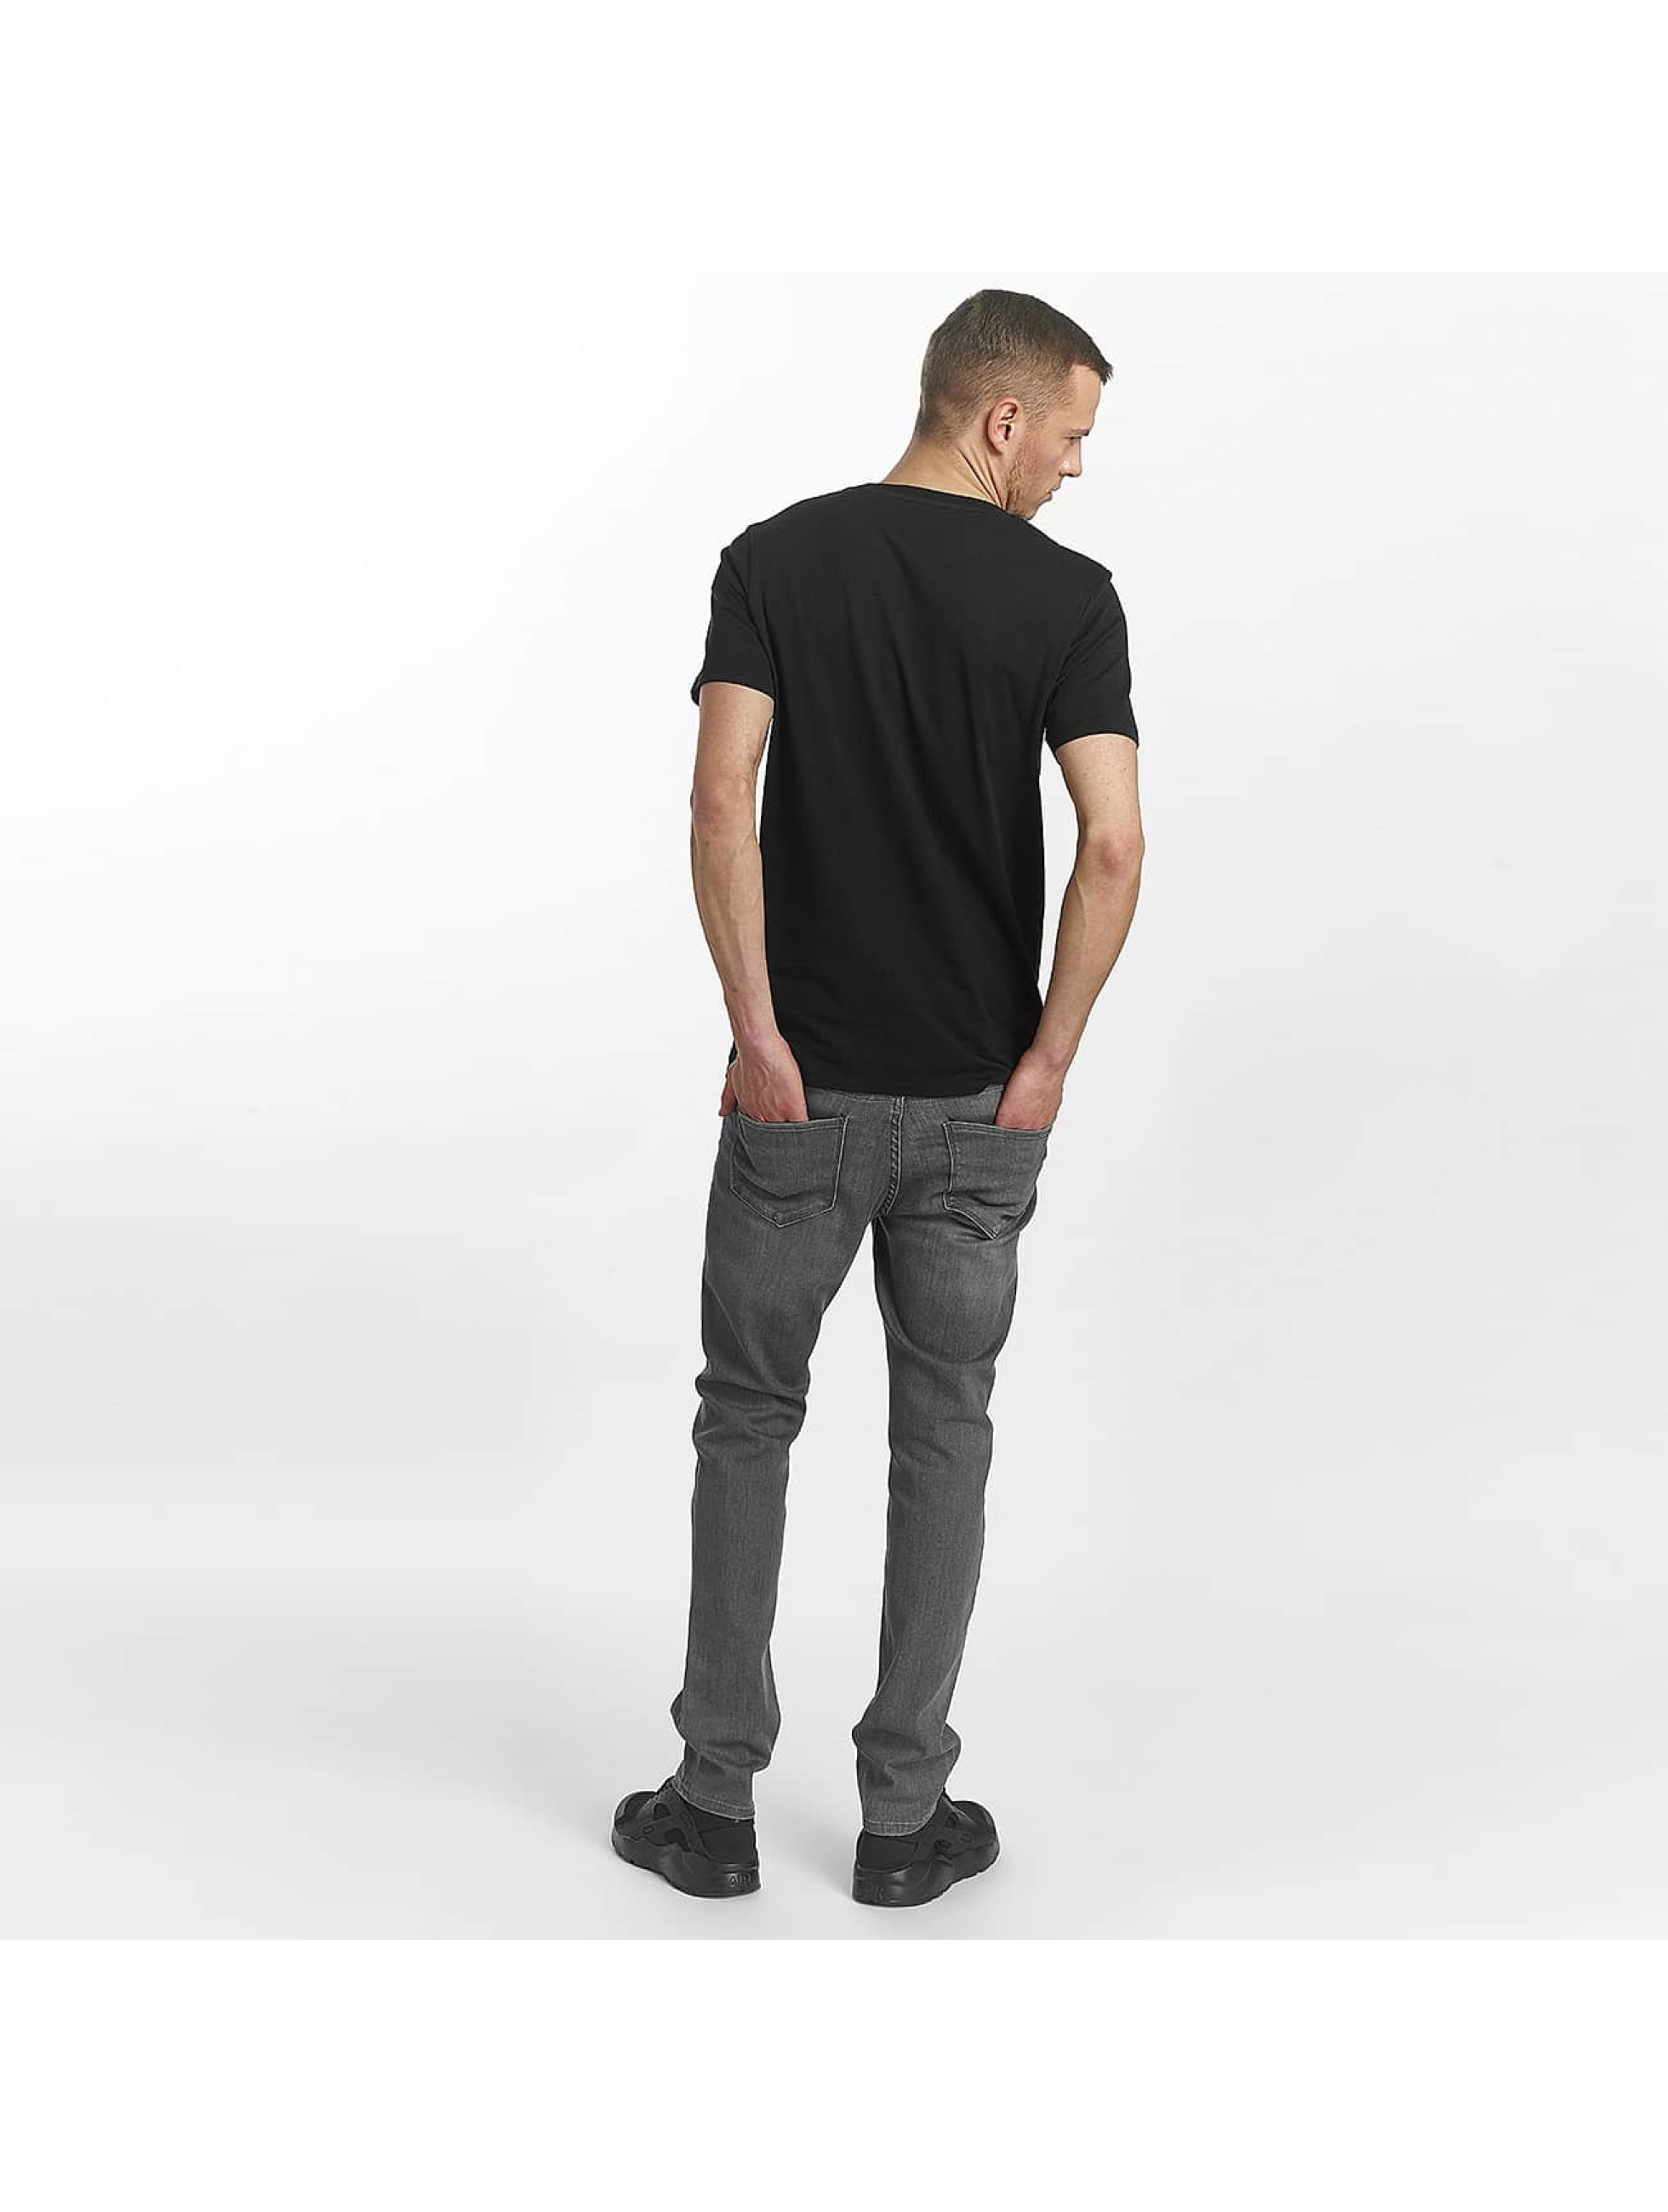 Jack & Jones T-Shirt jorStencild schwarz